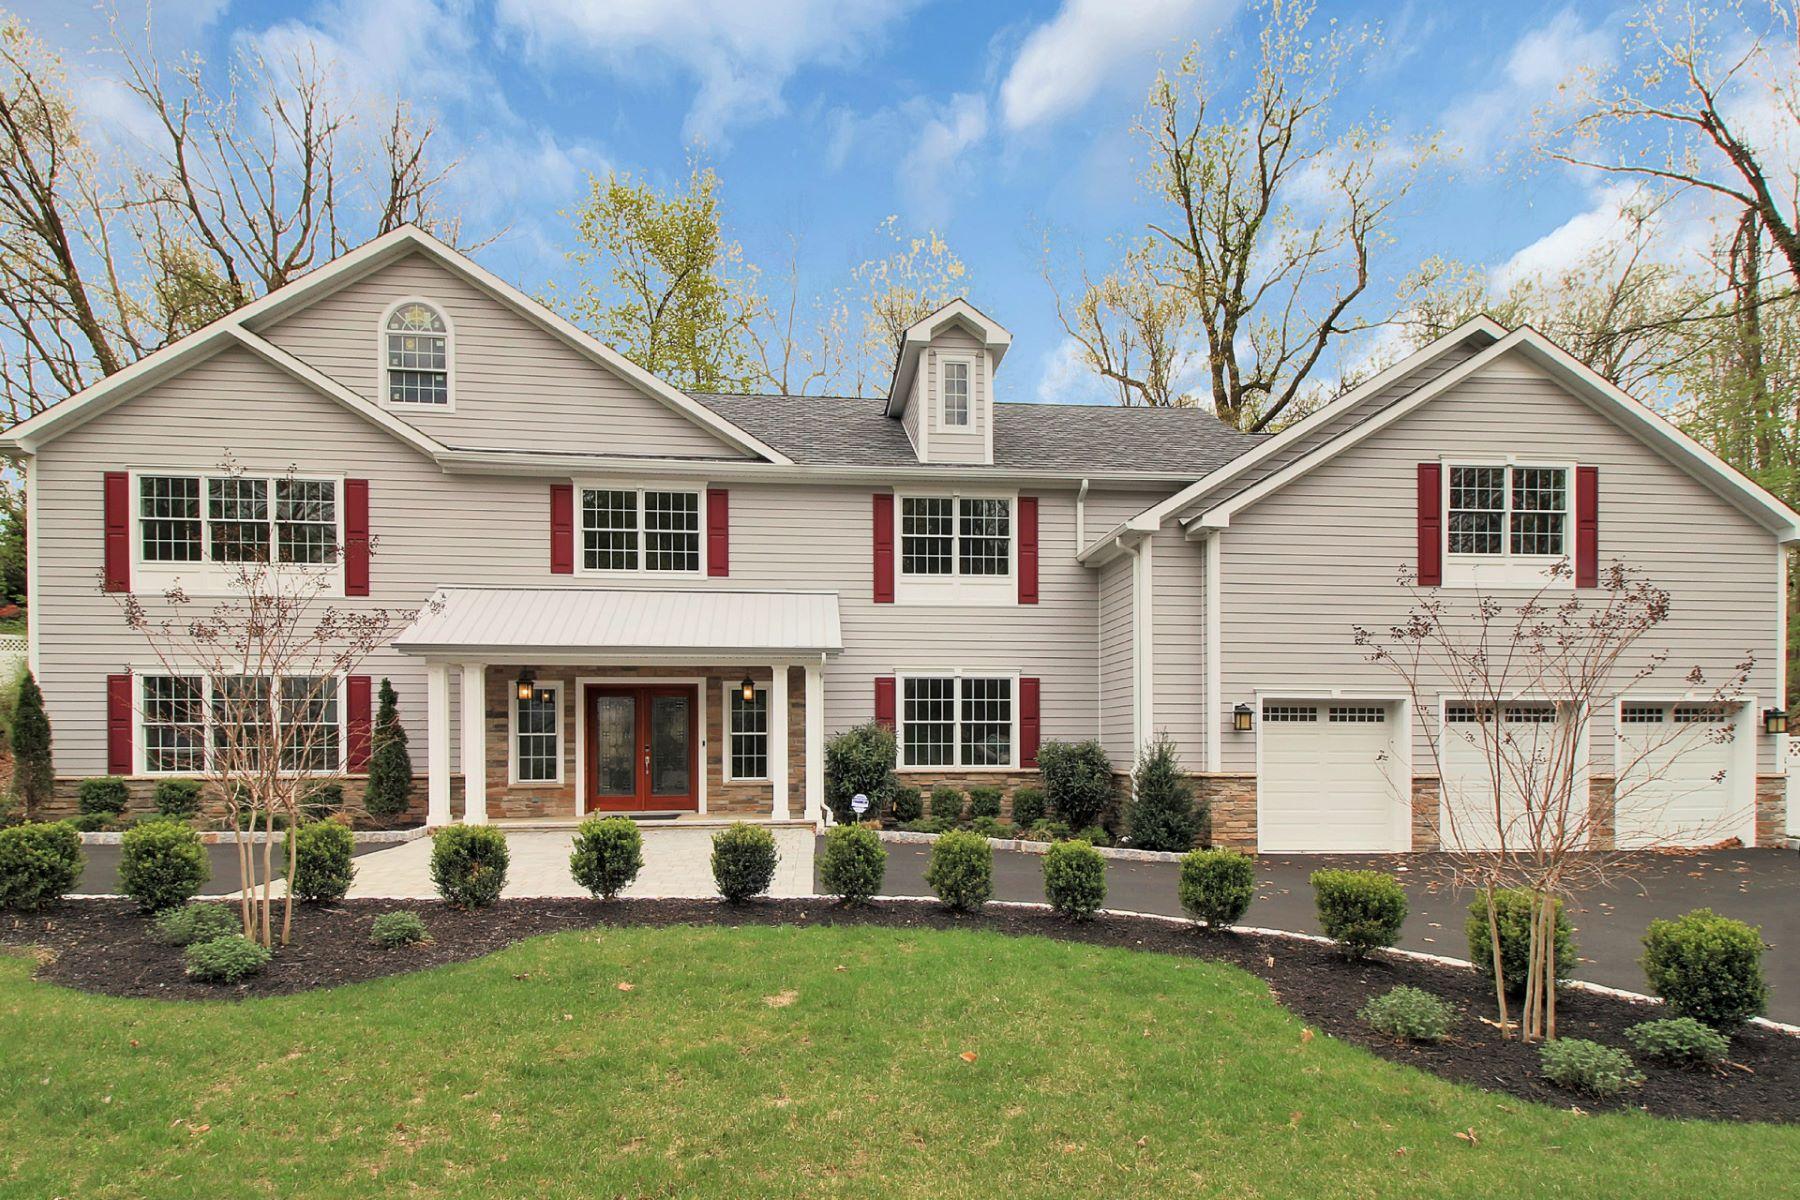 独户住宅 为 销售 在 Custom Colonial ! 325 Runnymede Rd Essex Fells, 新泽西州 07021 美国